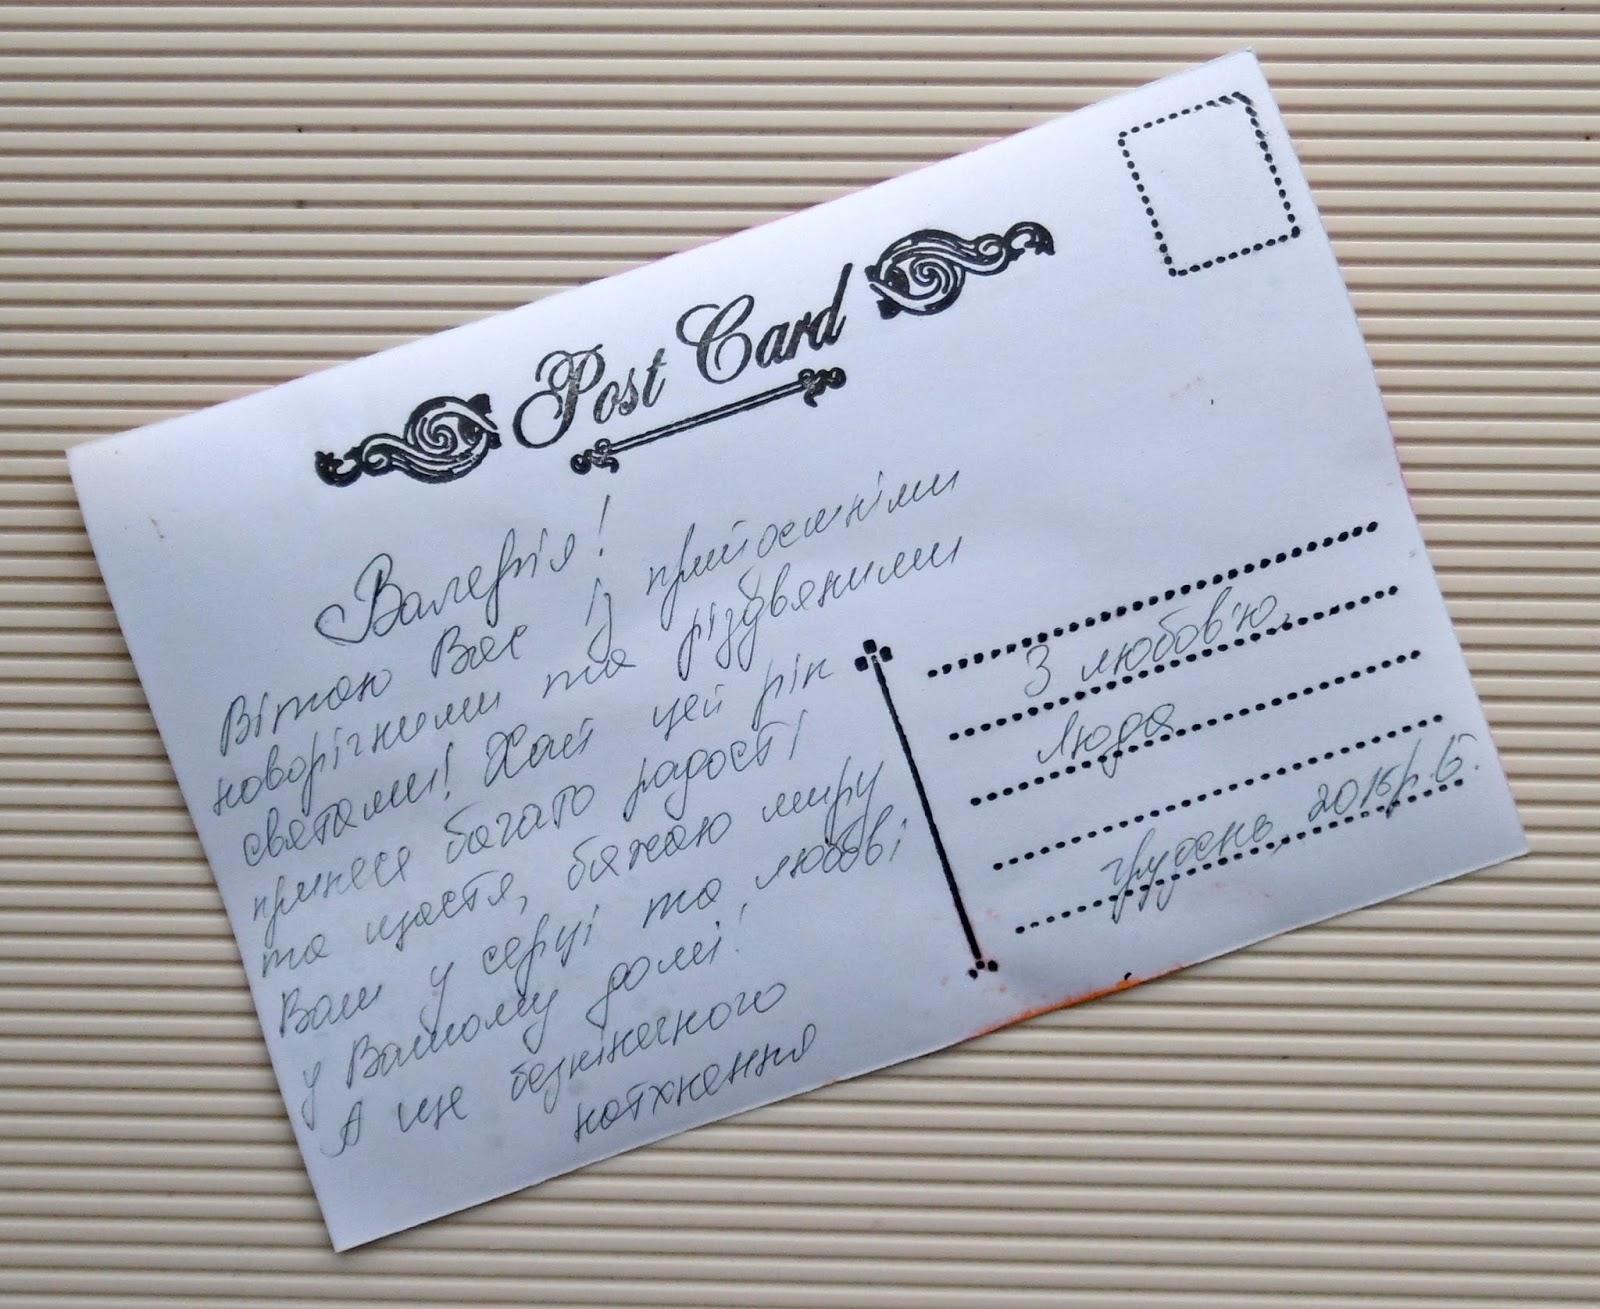 норах, образец подписания открыток краска лучше